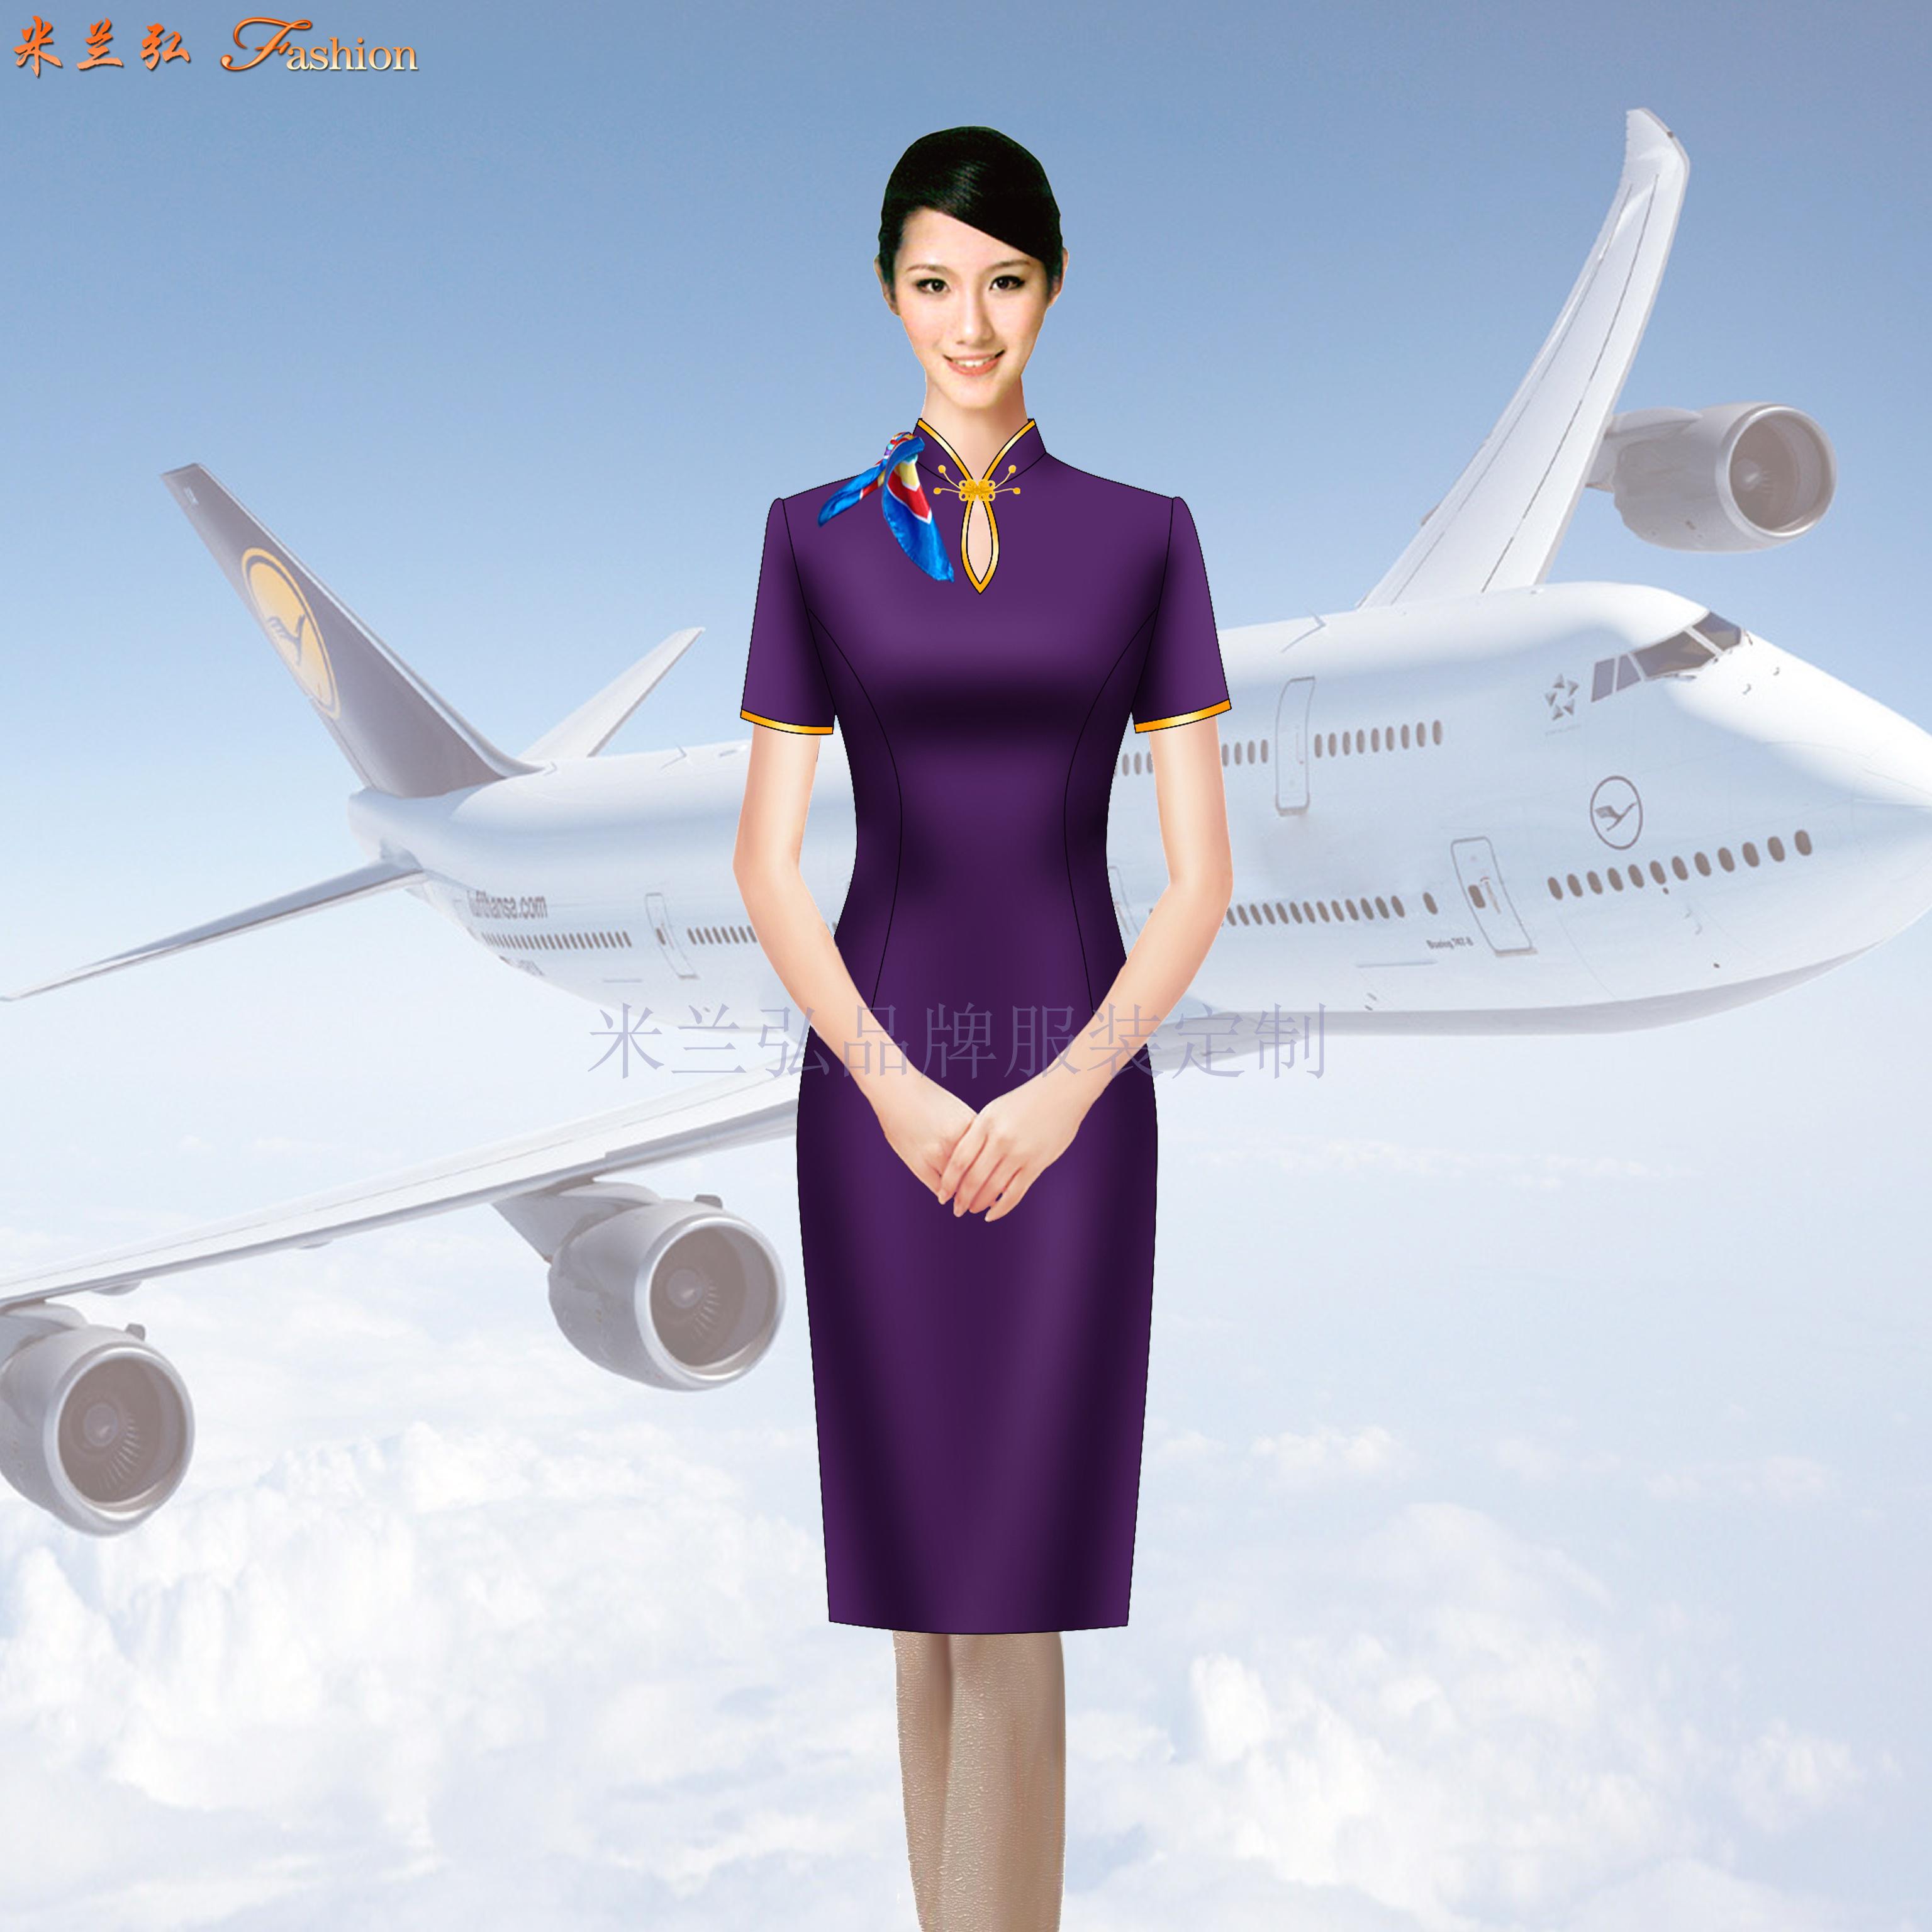 空姐連衣裙定制-量體定做空姐服夏裝廠家-米蘭弘服裝-2